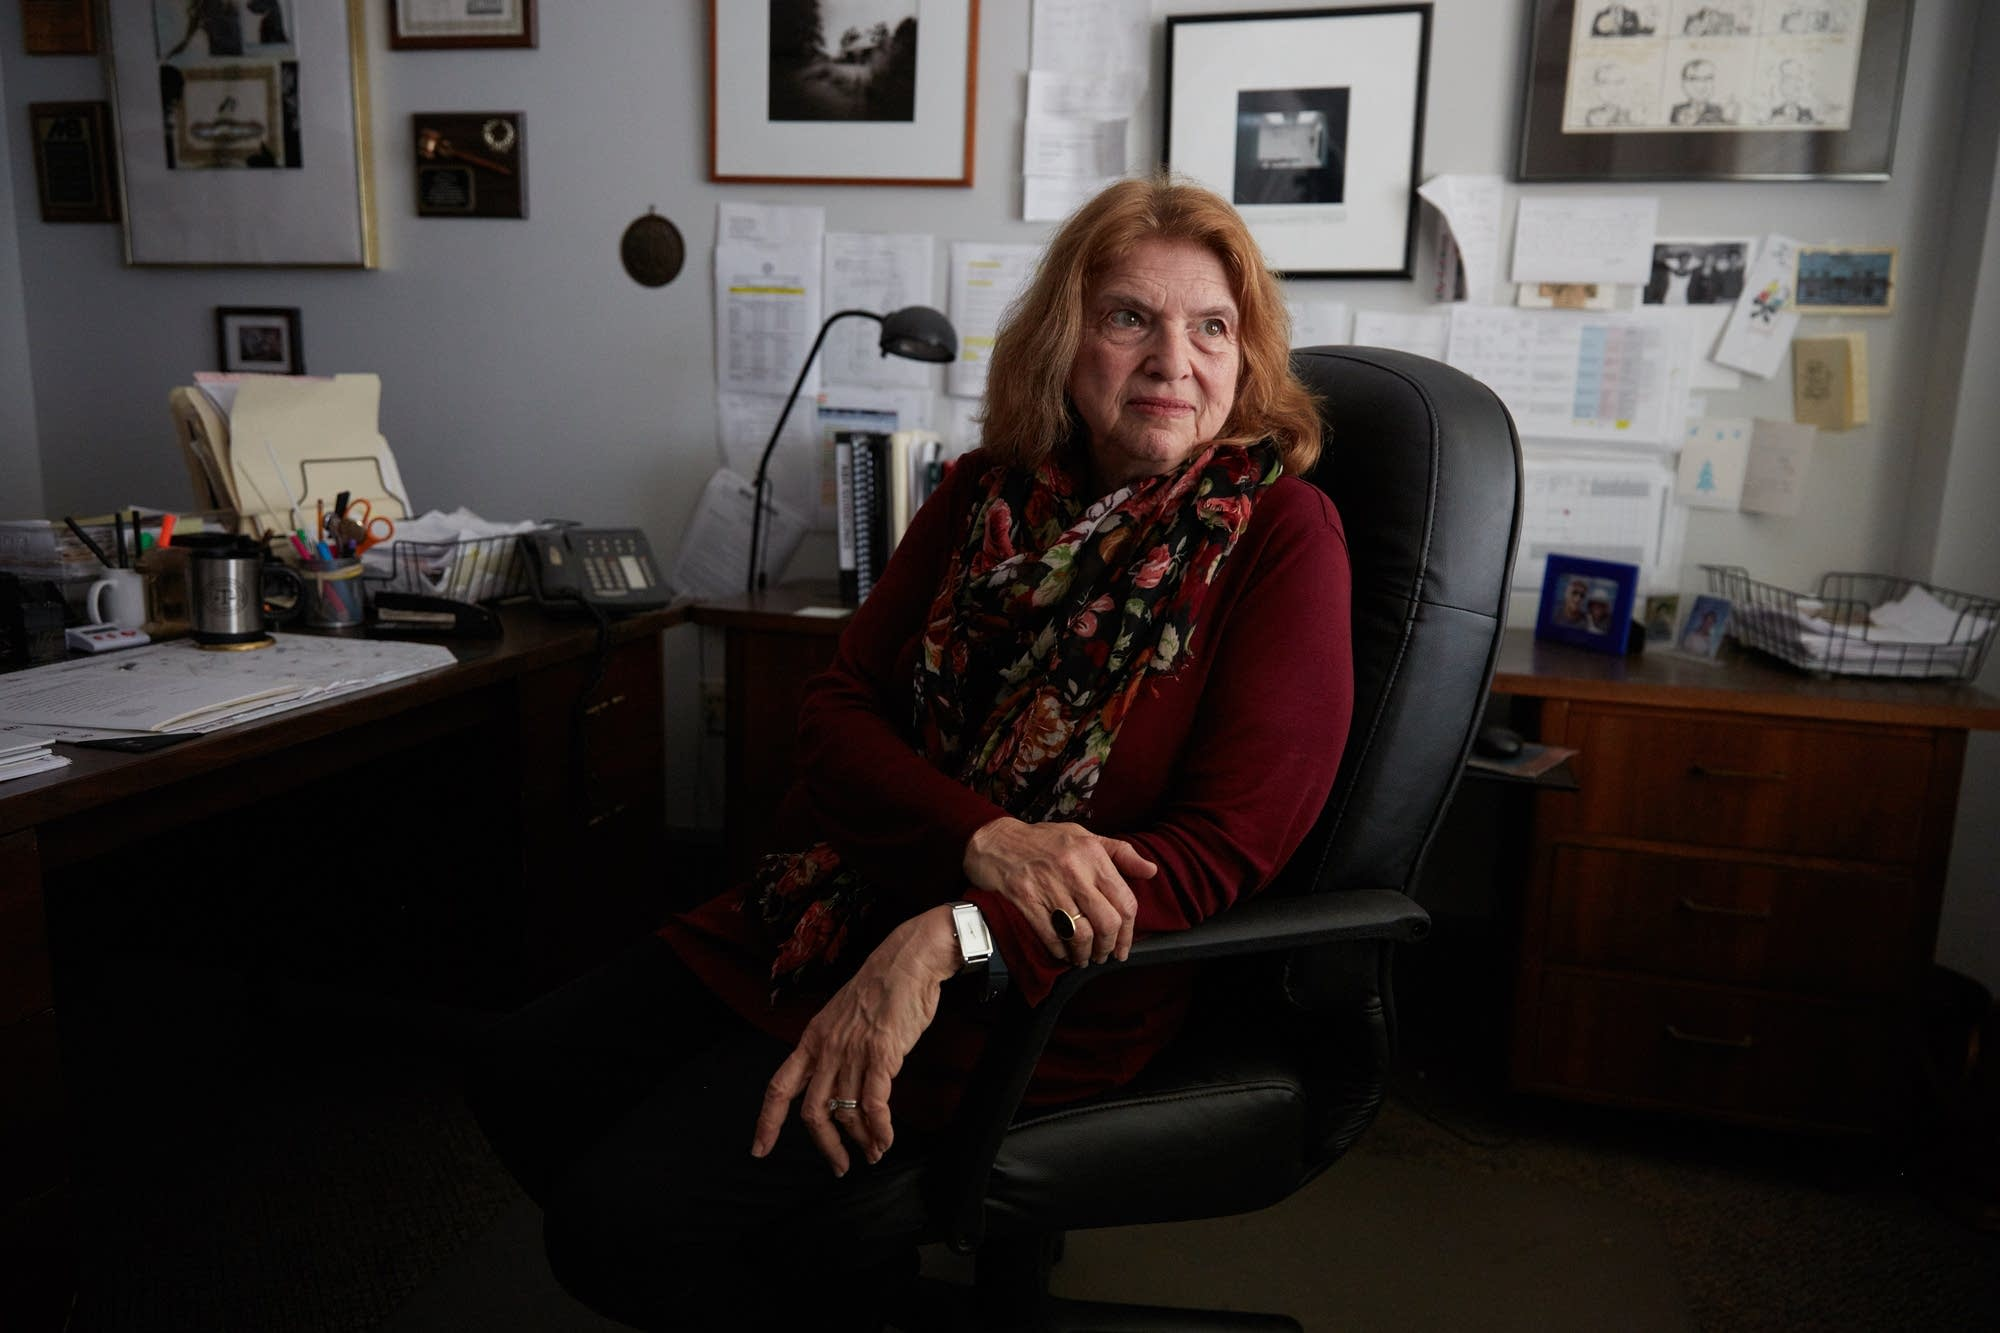 Alison Steiner